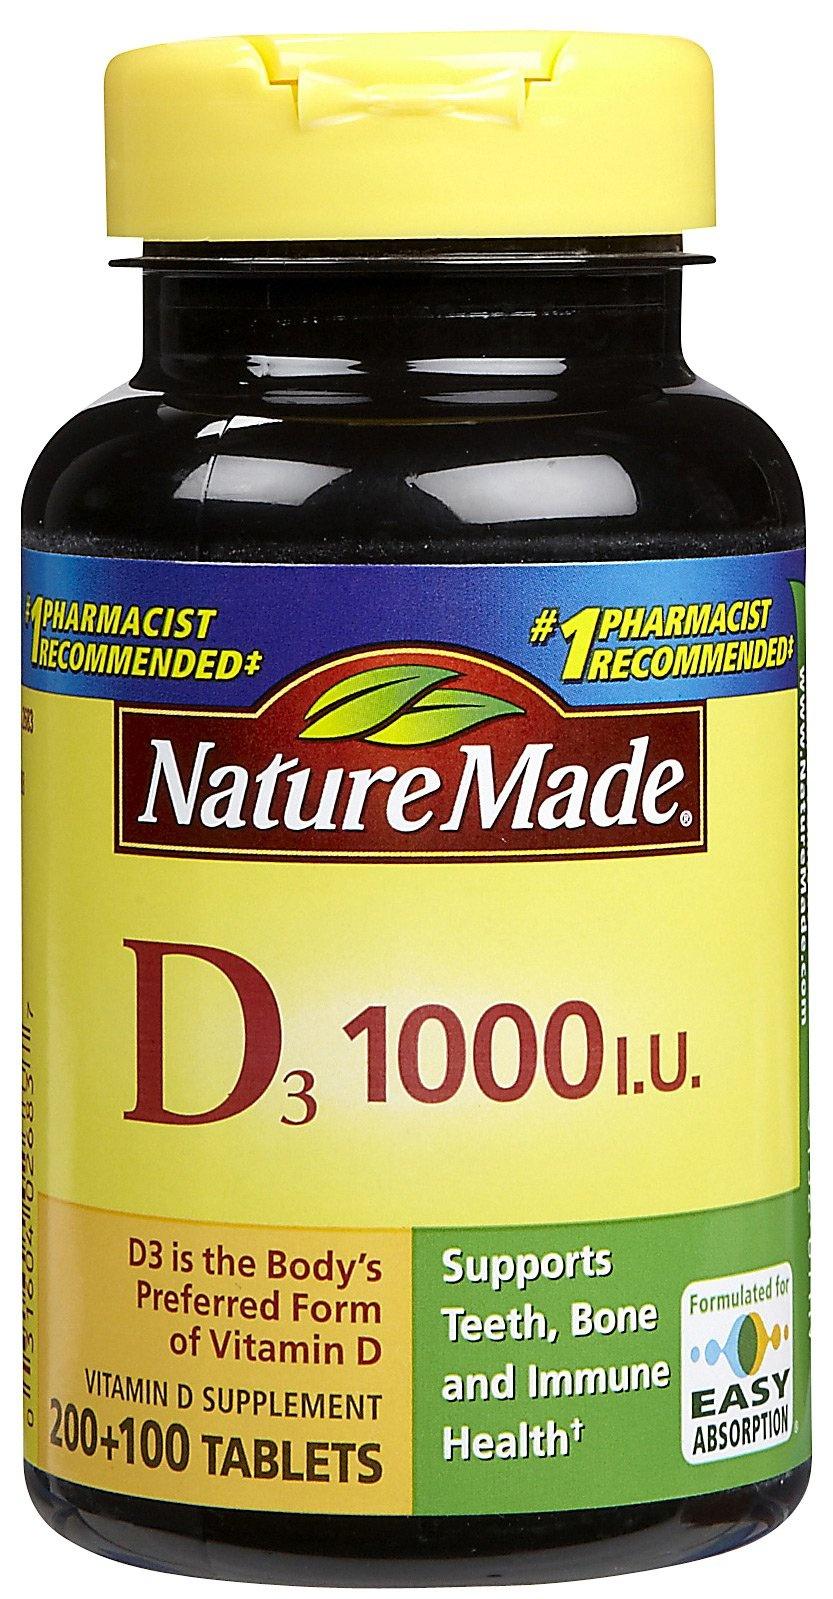 Nature Made Vitamin D Only $1.49 At Walgreens · - Free Printable Nature Made Vitamin Coupons